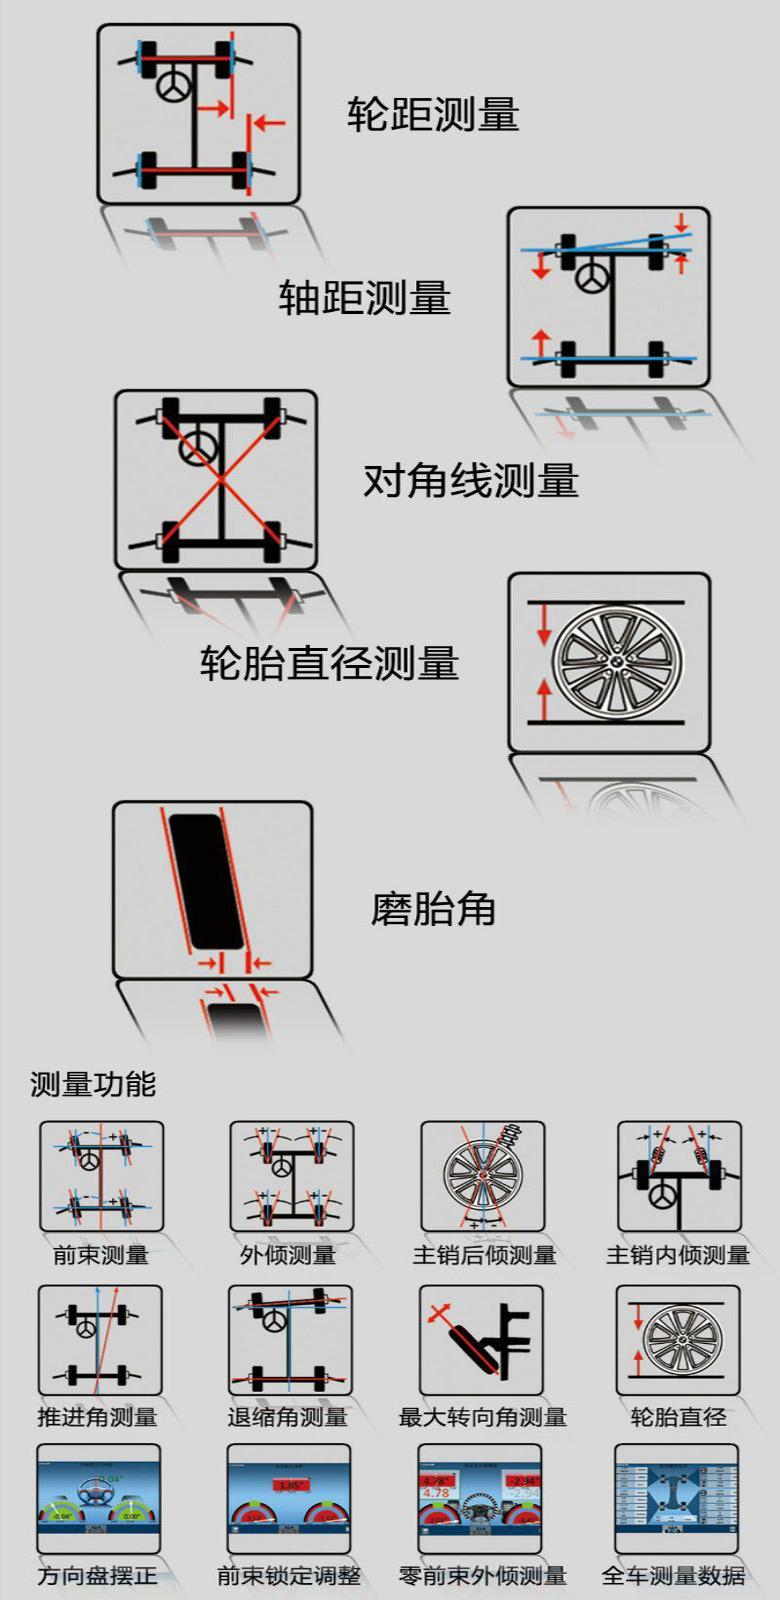 3D四輪定位儀 DT211ET 手動滑動橫杆獨立機櫃雙屏款 4